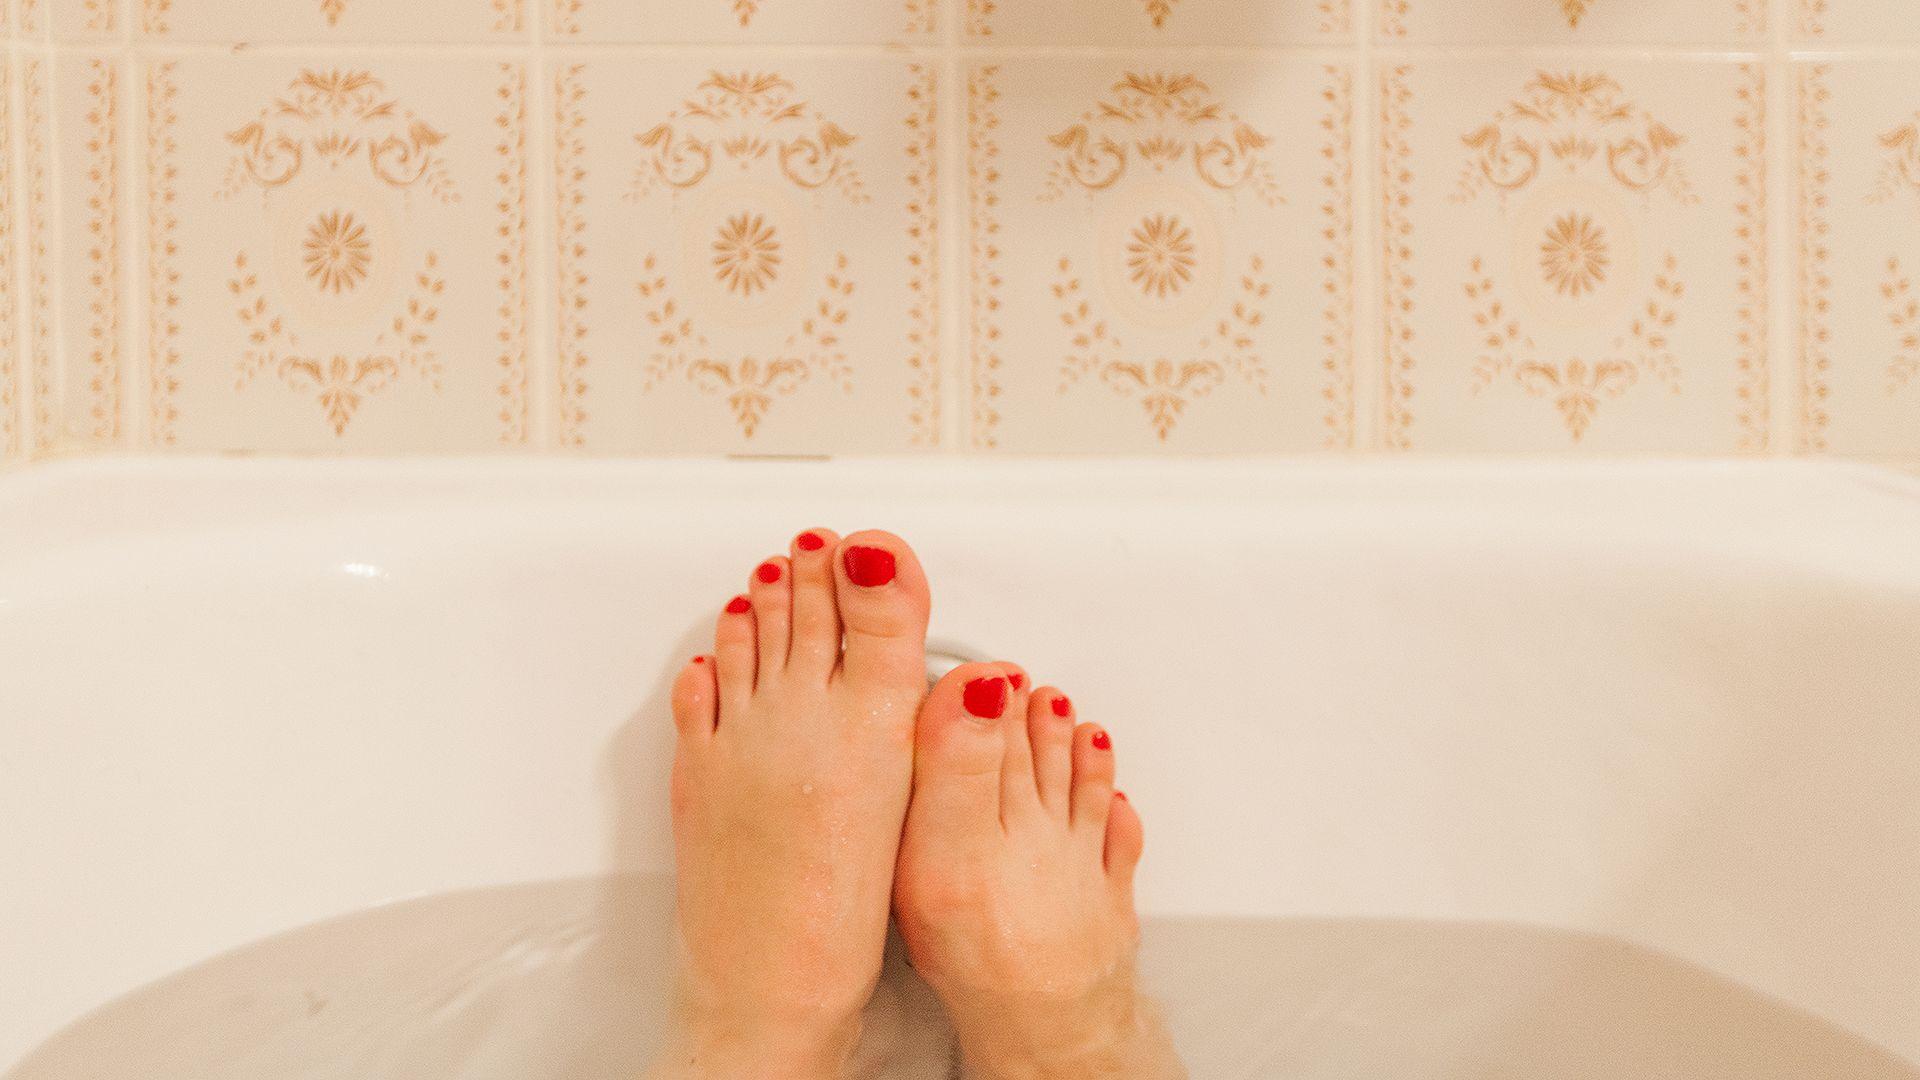 lábunk jelezheti a koronavírus fertőzést